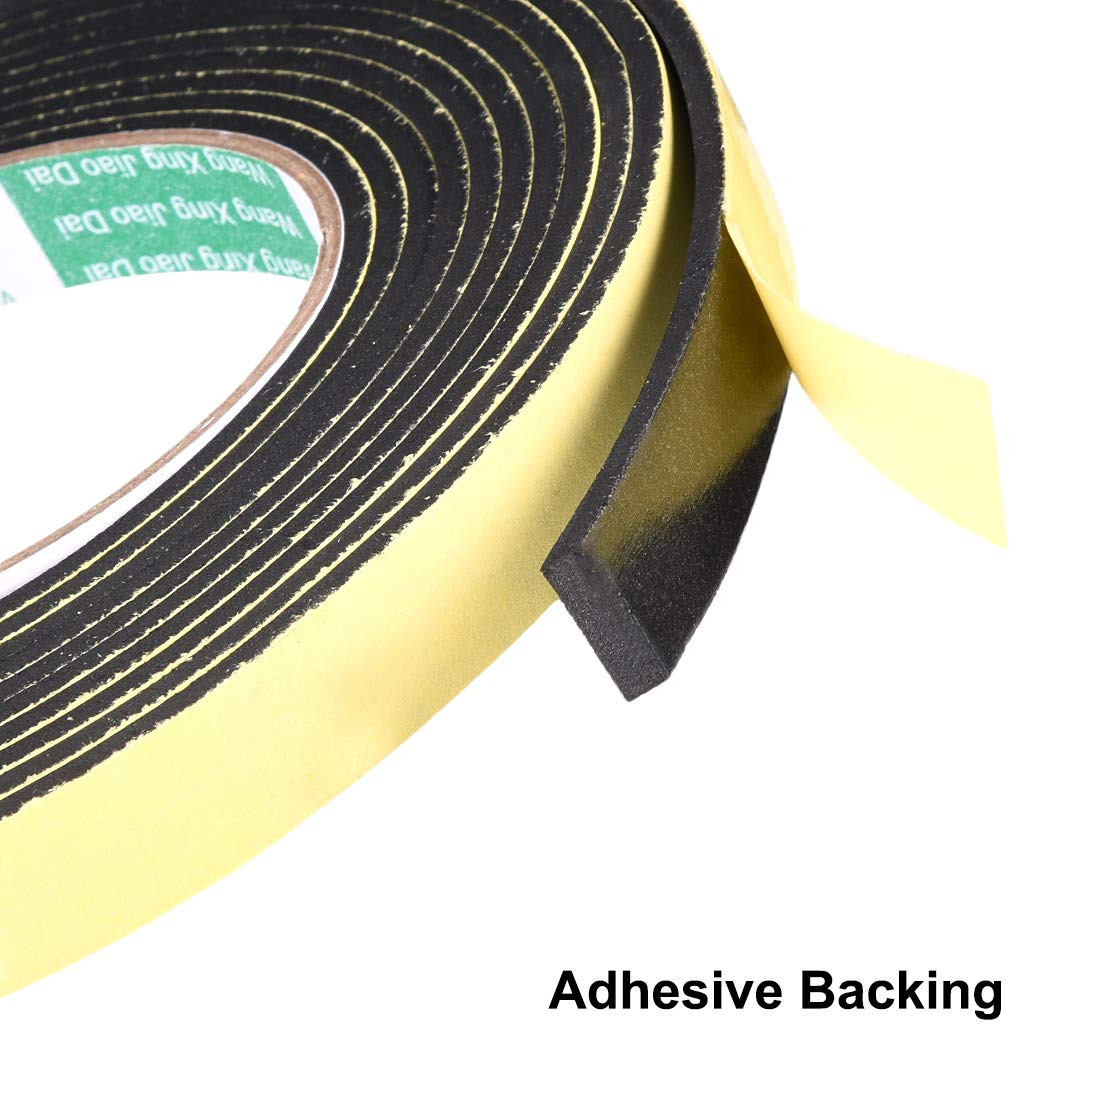 1mm de espesor de 16 4 pies de largo de burlete adhesivo sourcing map Cinta de sellado de espuma de 30 mm de ancho